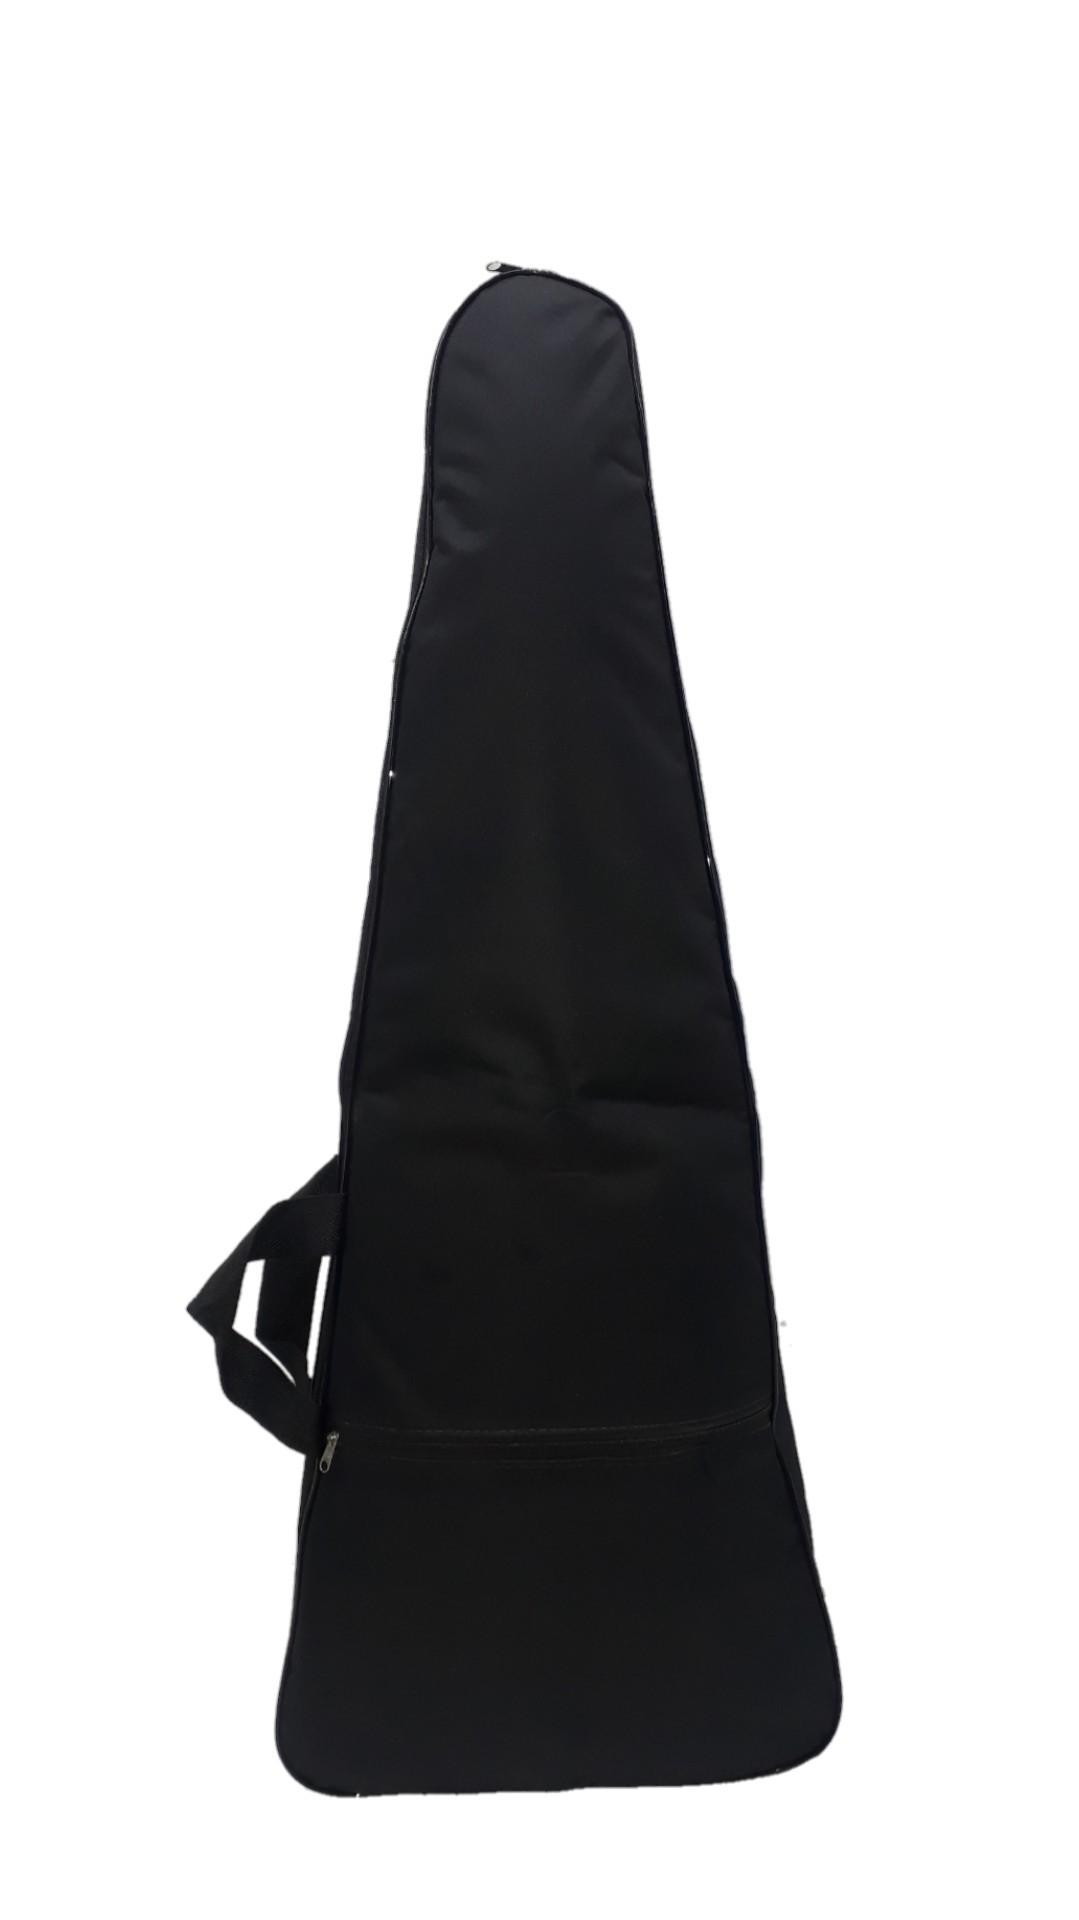 Capa Guitarra Supertech Almofadada Luxo